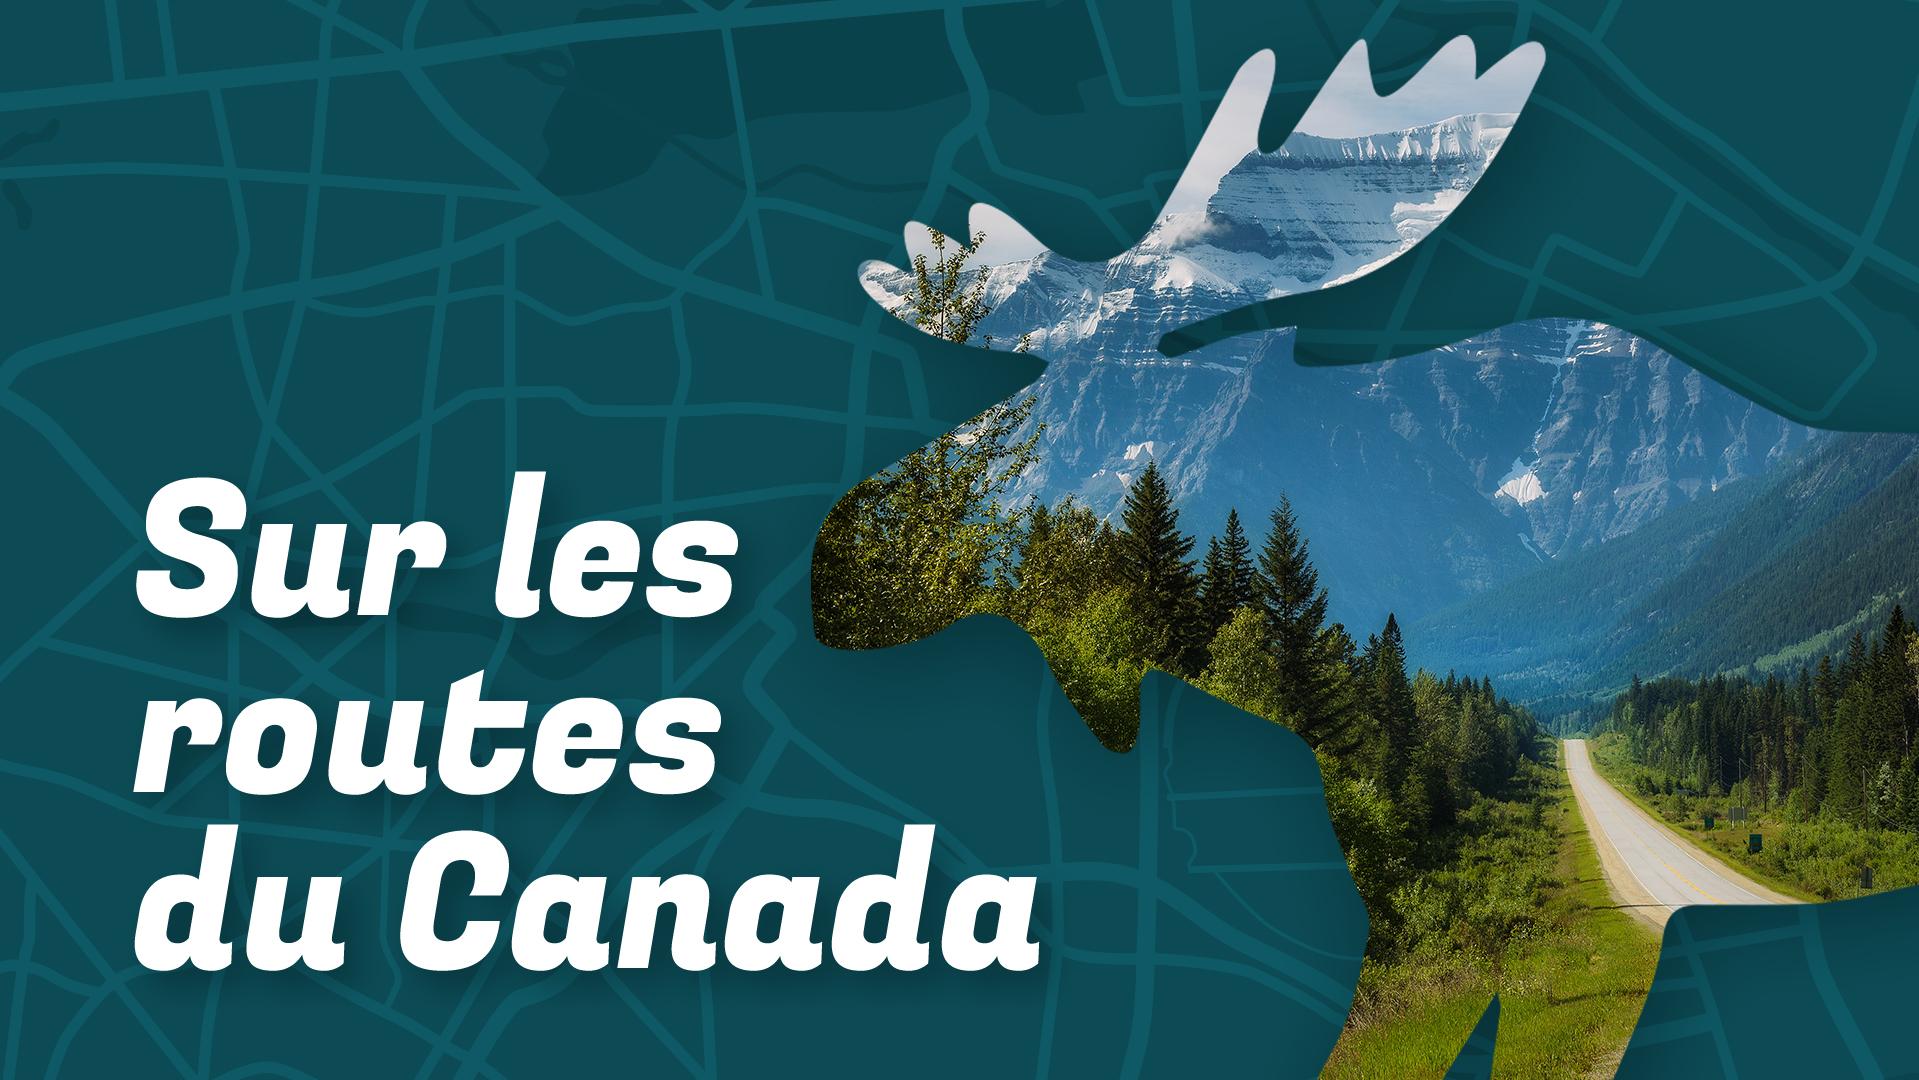 """el texto """"En las carreteras de Canadá"""" acompañado de la silueta de un alce formado por un paisaje forestal que rodea una carretera"""